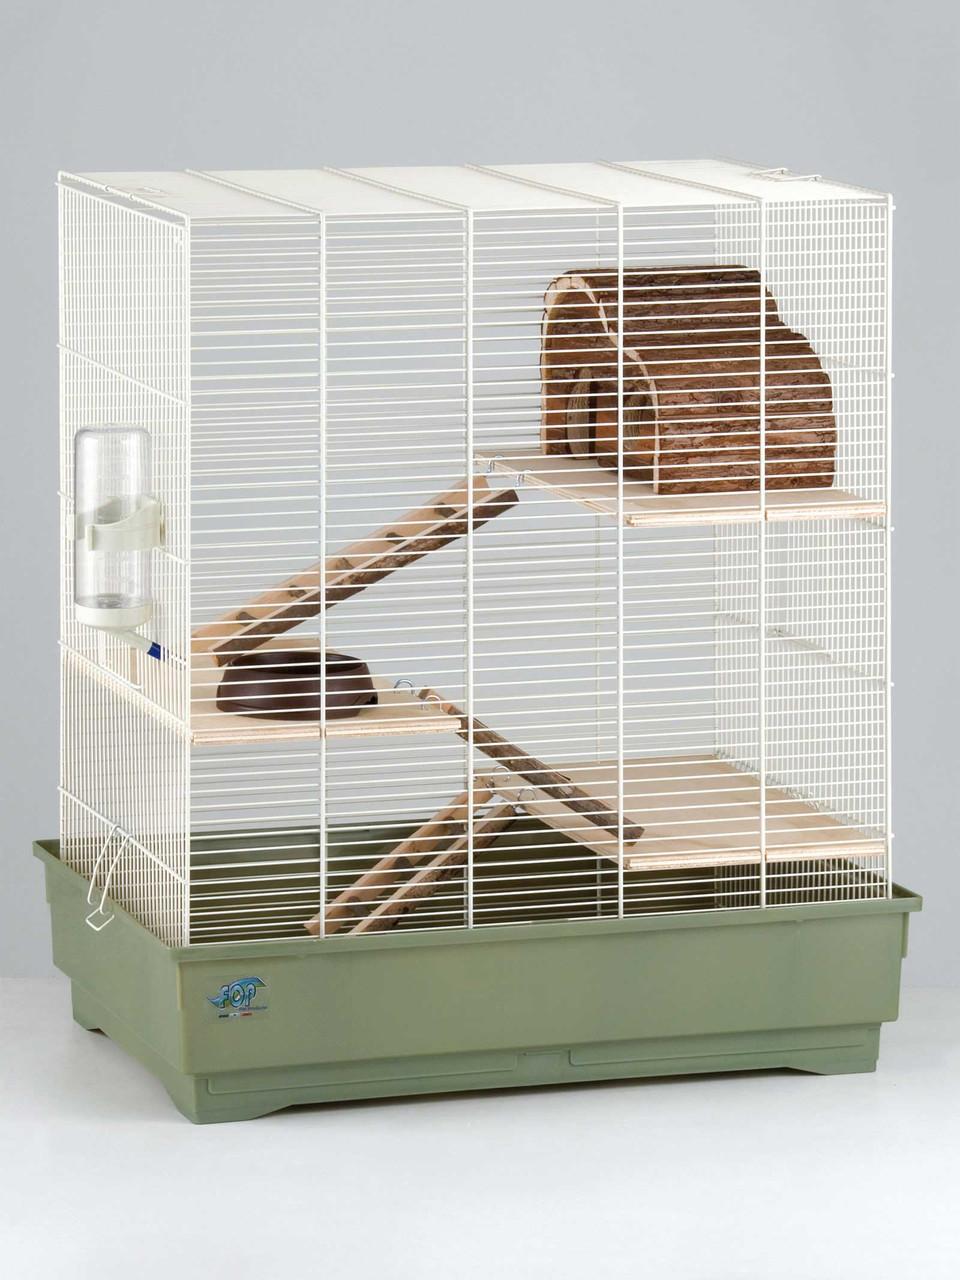 Клетка Fop 20910067 Fedro Natura укомплектованная 66 см/45 см/76 см